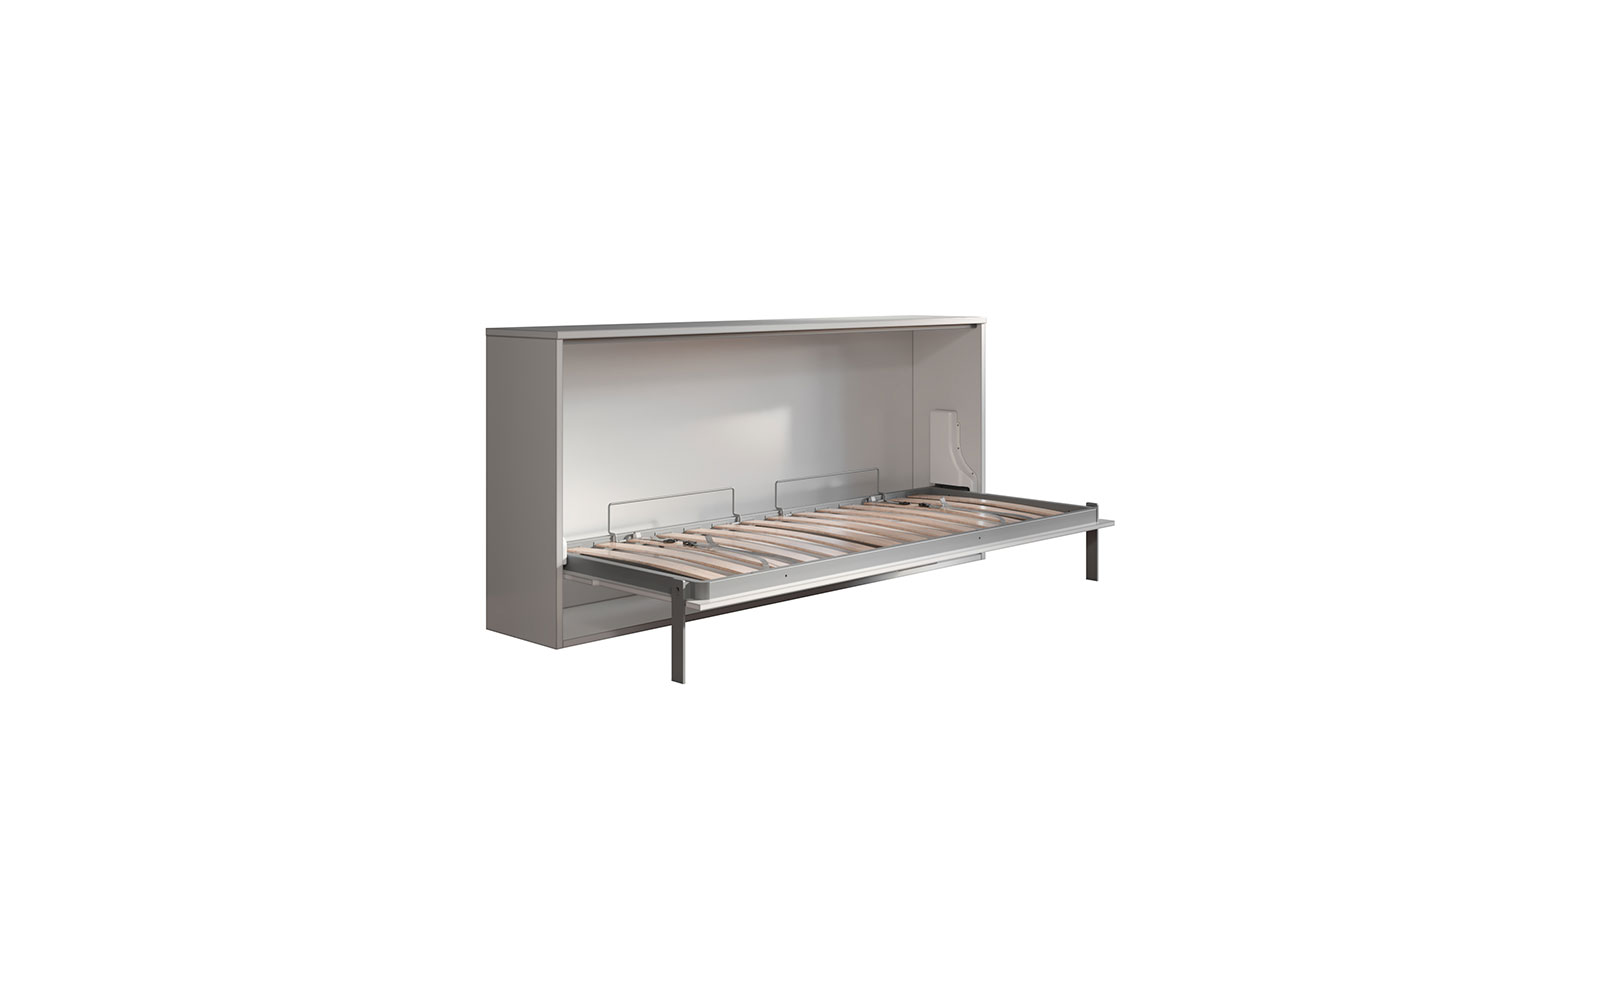 Neve Desk 85 - Letto a scomparsa per cameretta singolo con scrivania